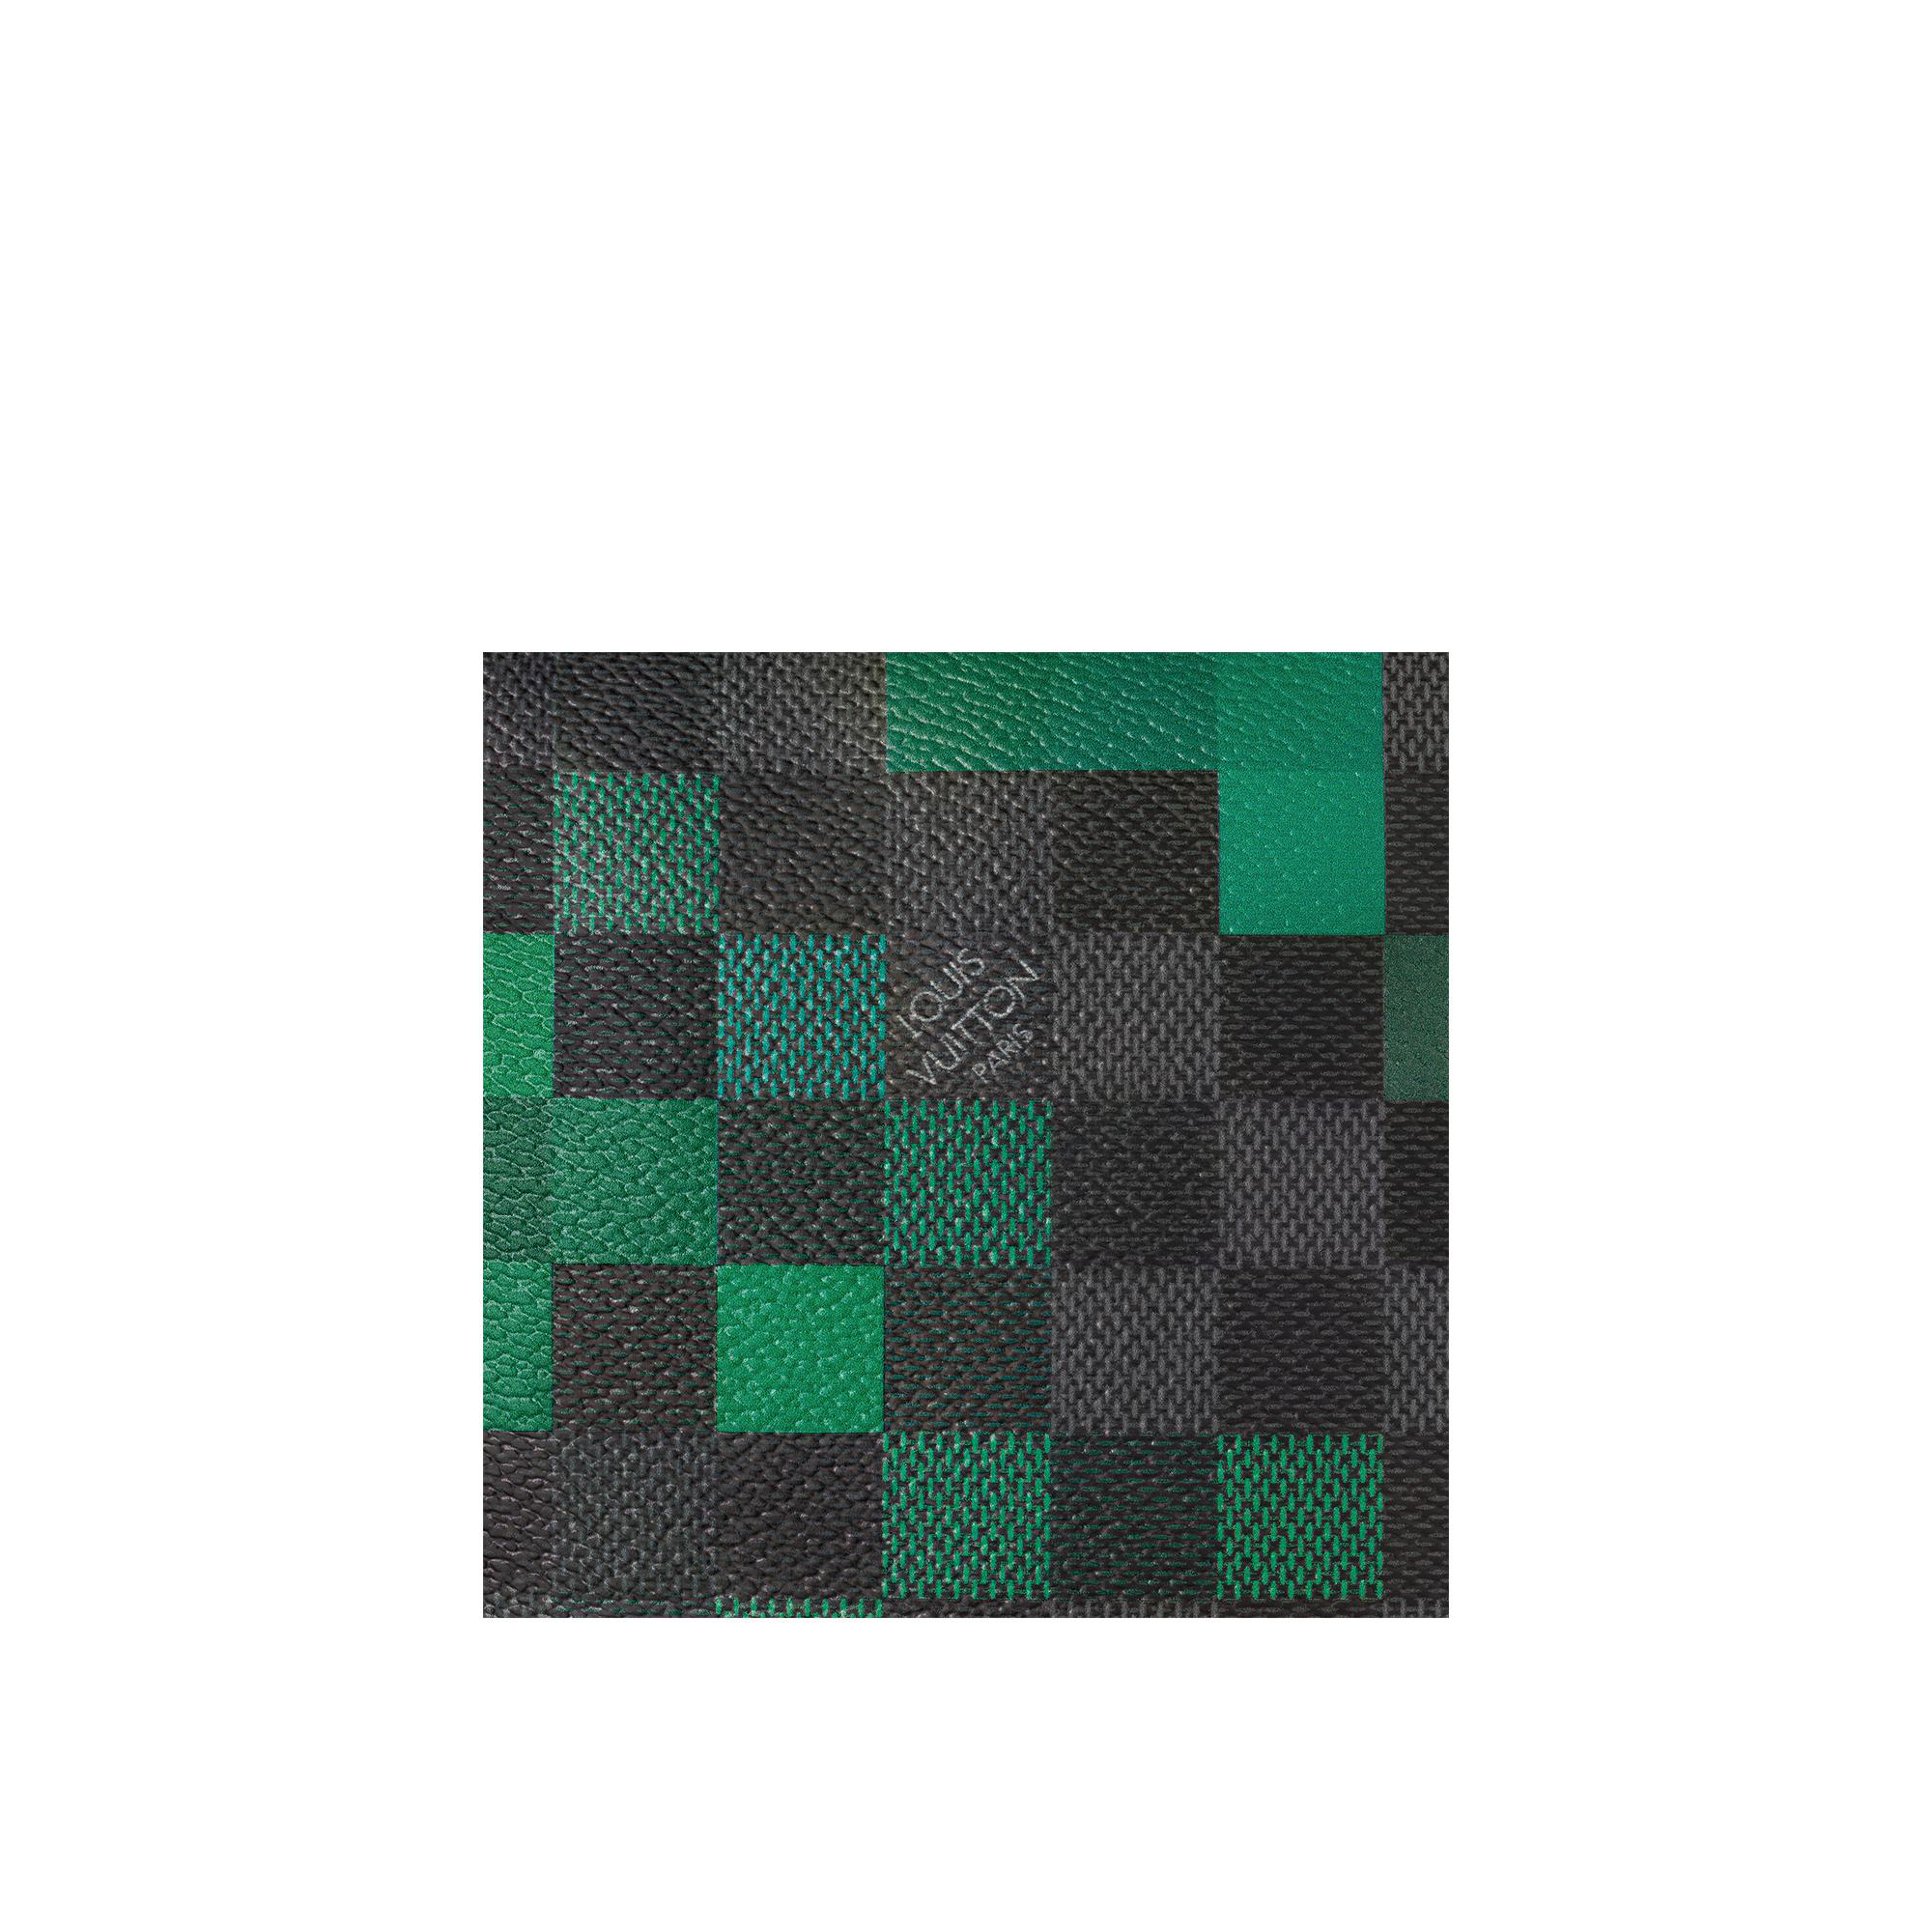 983e3905700 Louis Vuitton Avenue Sling Bag In Damier Graphite Canvas